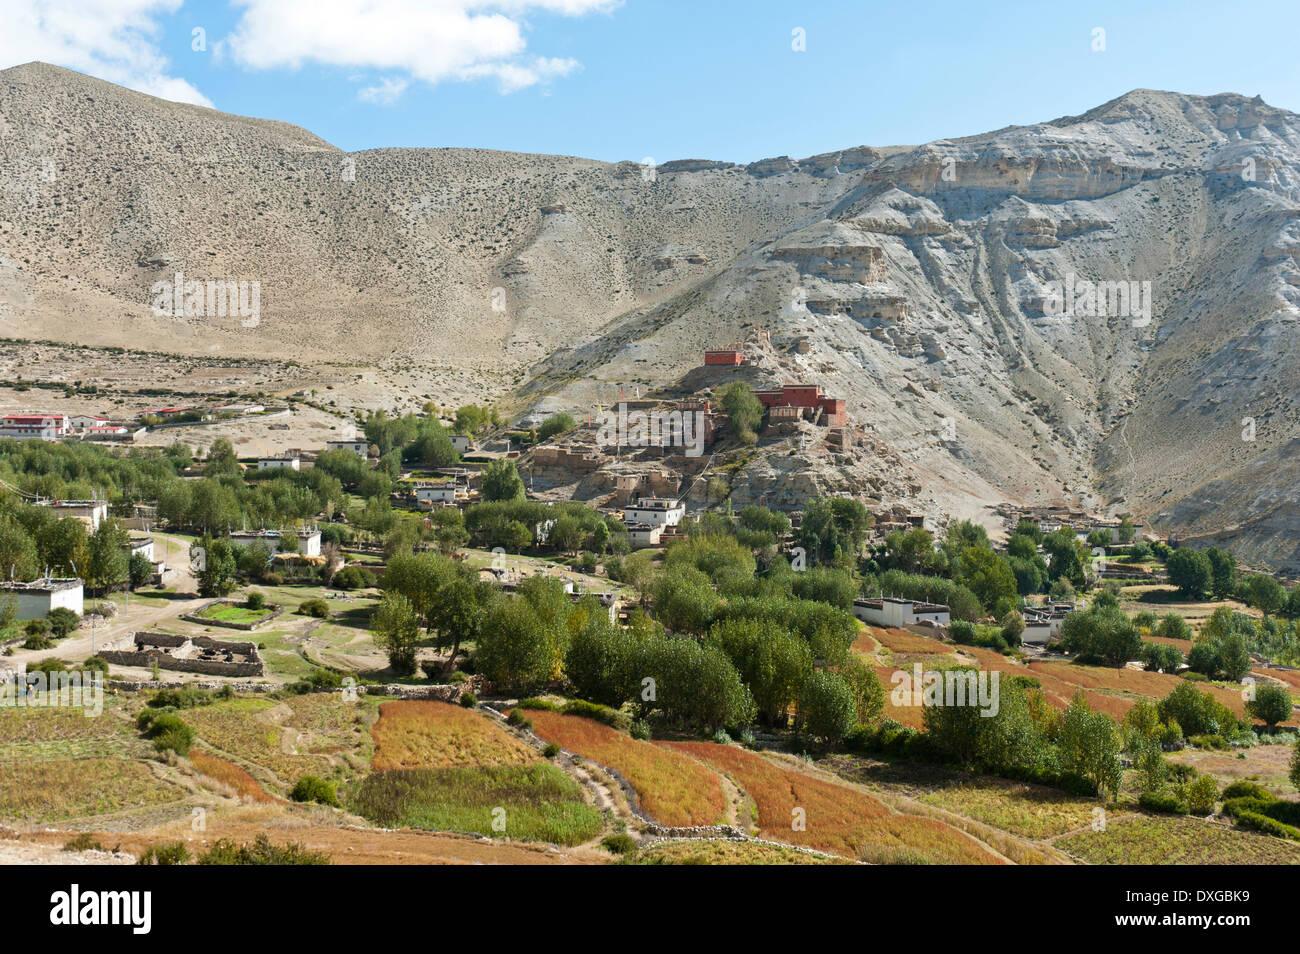 Le village de Geling avec les Tashi Choling Gompa, monastère, champs et arbres à l'avant, Gieling, Upper Mustang, Lo, Népal Photo Stock